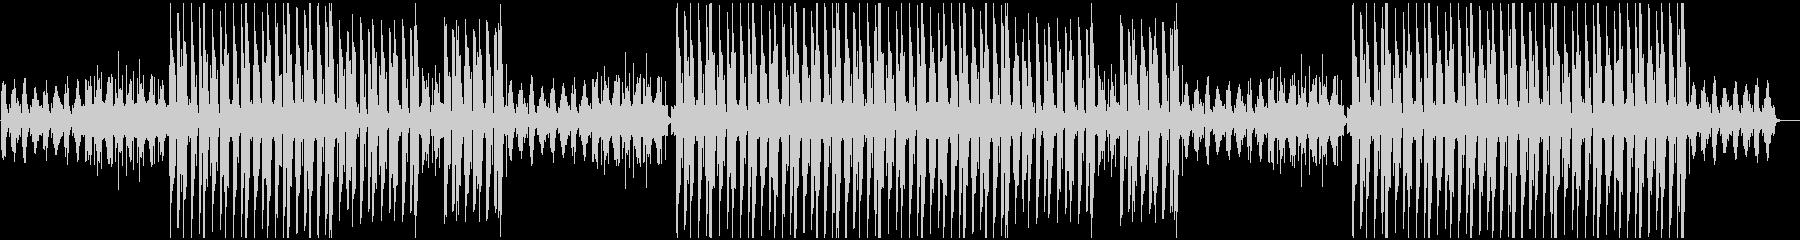 切ないエモーショナルnヒップホップビートの未再生の波形